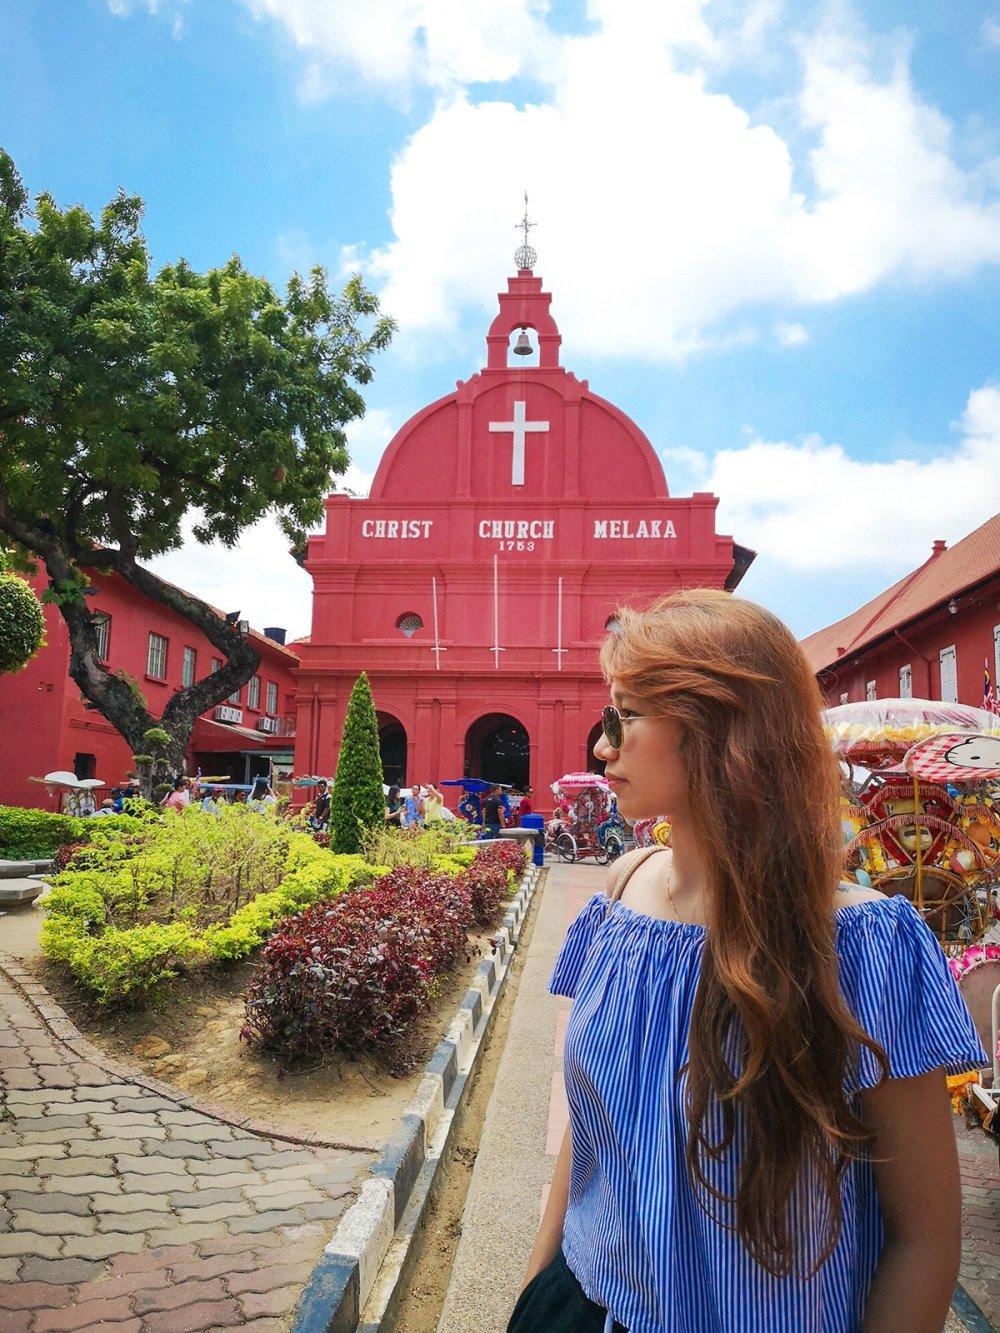 Photo Diary 1 Melaka